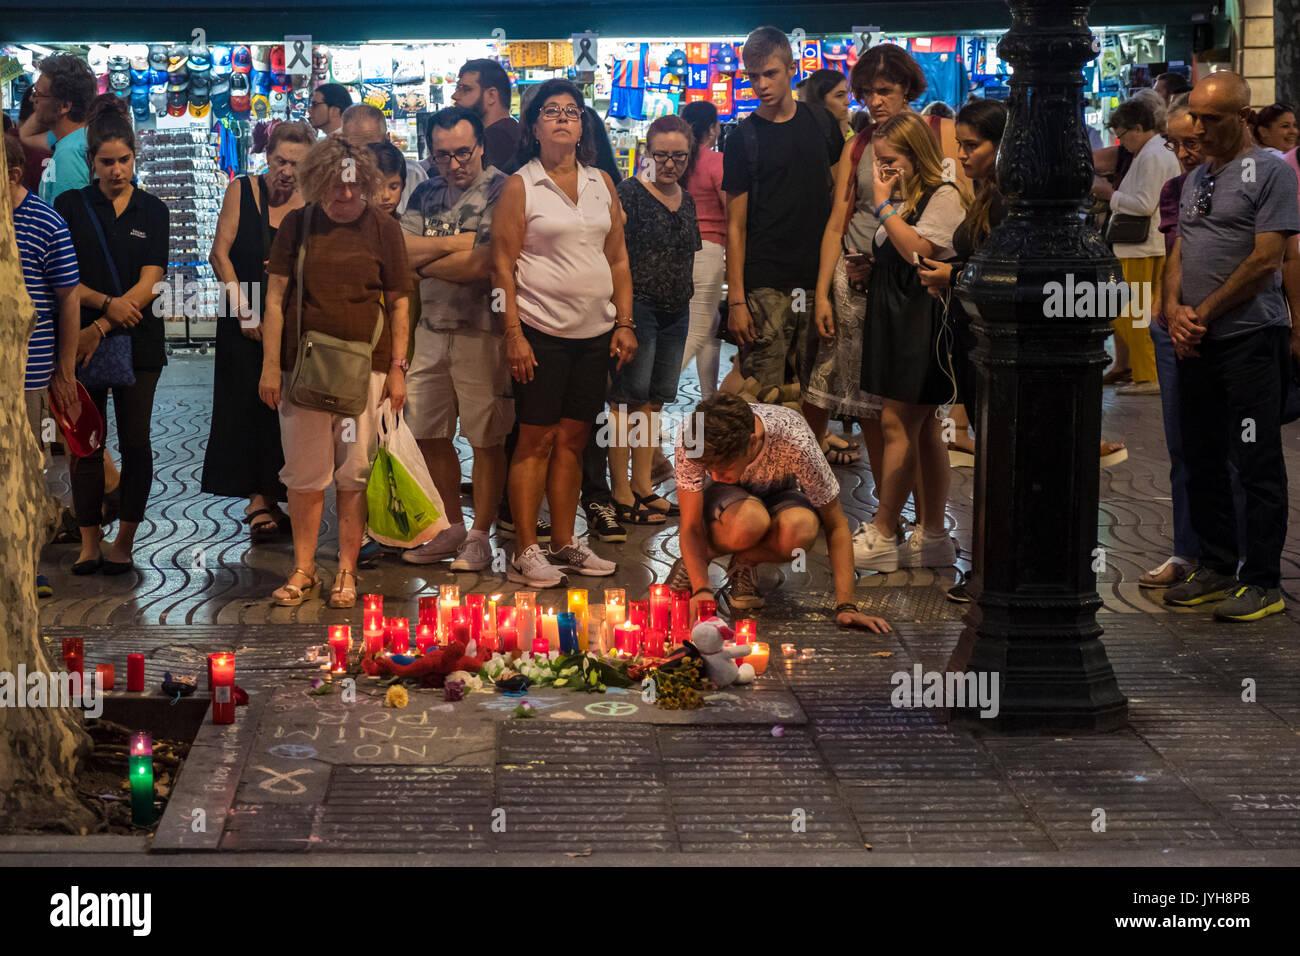 Barcelona, Espanha. 19 ago, 2017. Em 19 de Agosto de 2017 a cidade de Barcelona sofreu o ataque terrorista ISIS, com um total de 13 mortos e centenas de feridos. A cidade era um exemplo de generosidade para com as vítimas e de fraternidade com o povo muçulmano. Barcelona exclamações de todo o mundo: não temos medo! Crédito: Miguel Galmés/Alamy Notícias ao vivo Imagens de Stock